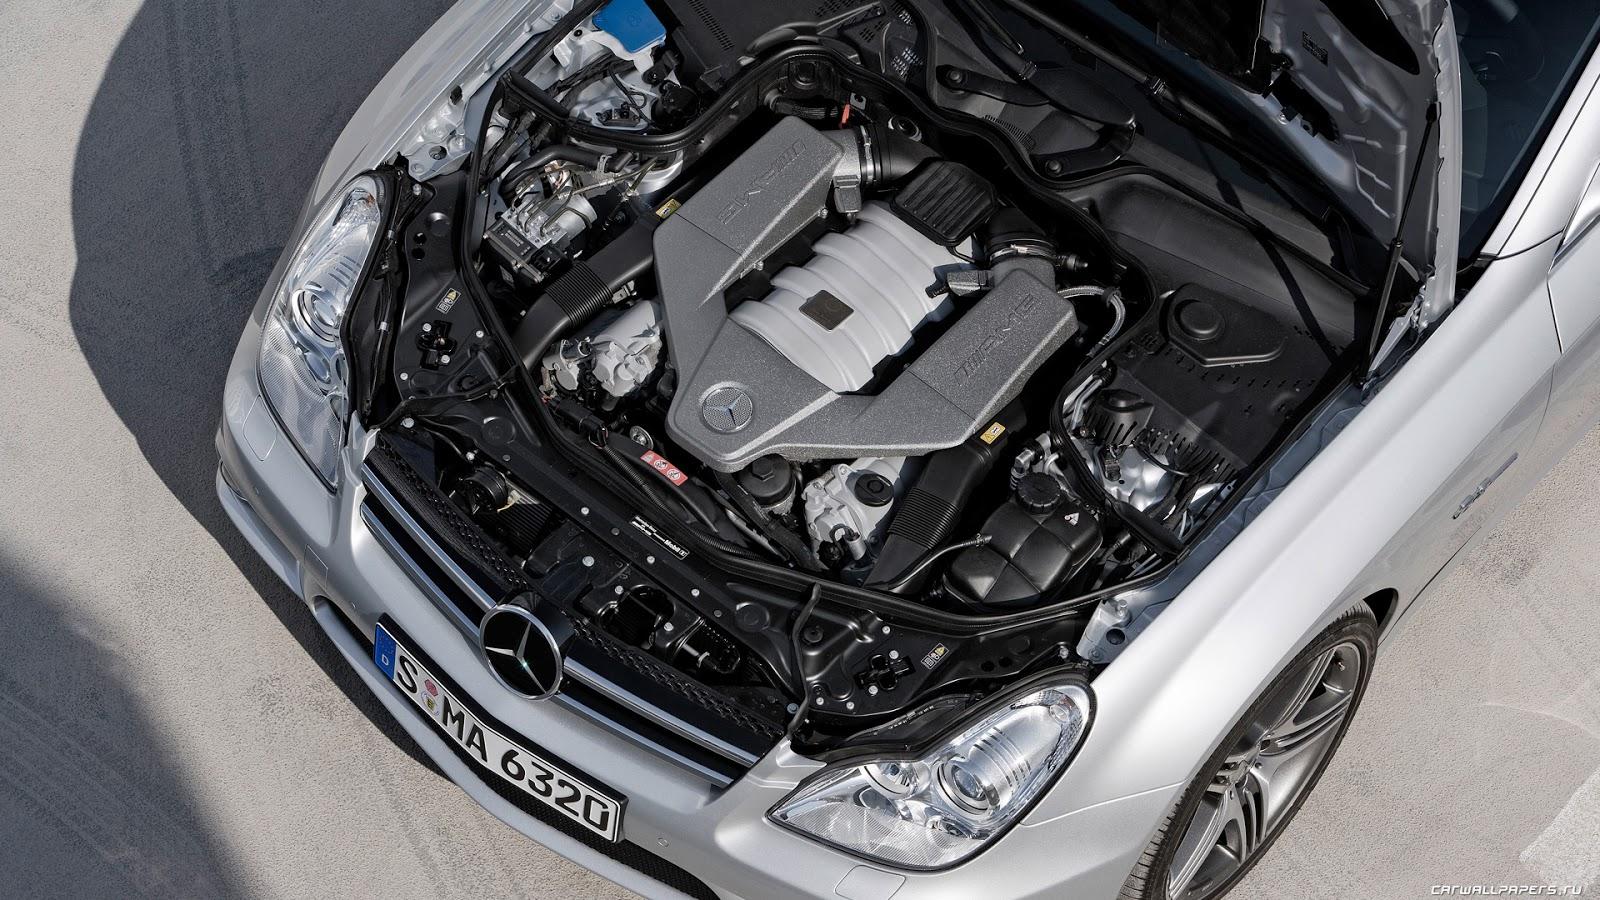 engine Πώς να προετοιμάσεις το αυτοκίνητό σου για τον χειμώνα zblog, αυτοκίνητο, οδήγηση, ΣΥΜΒΟΥΛΕΣ, χειμώνας